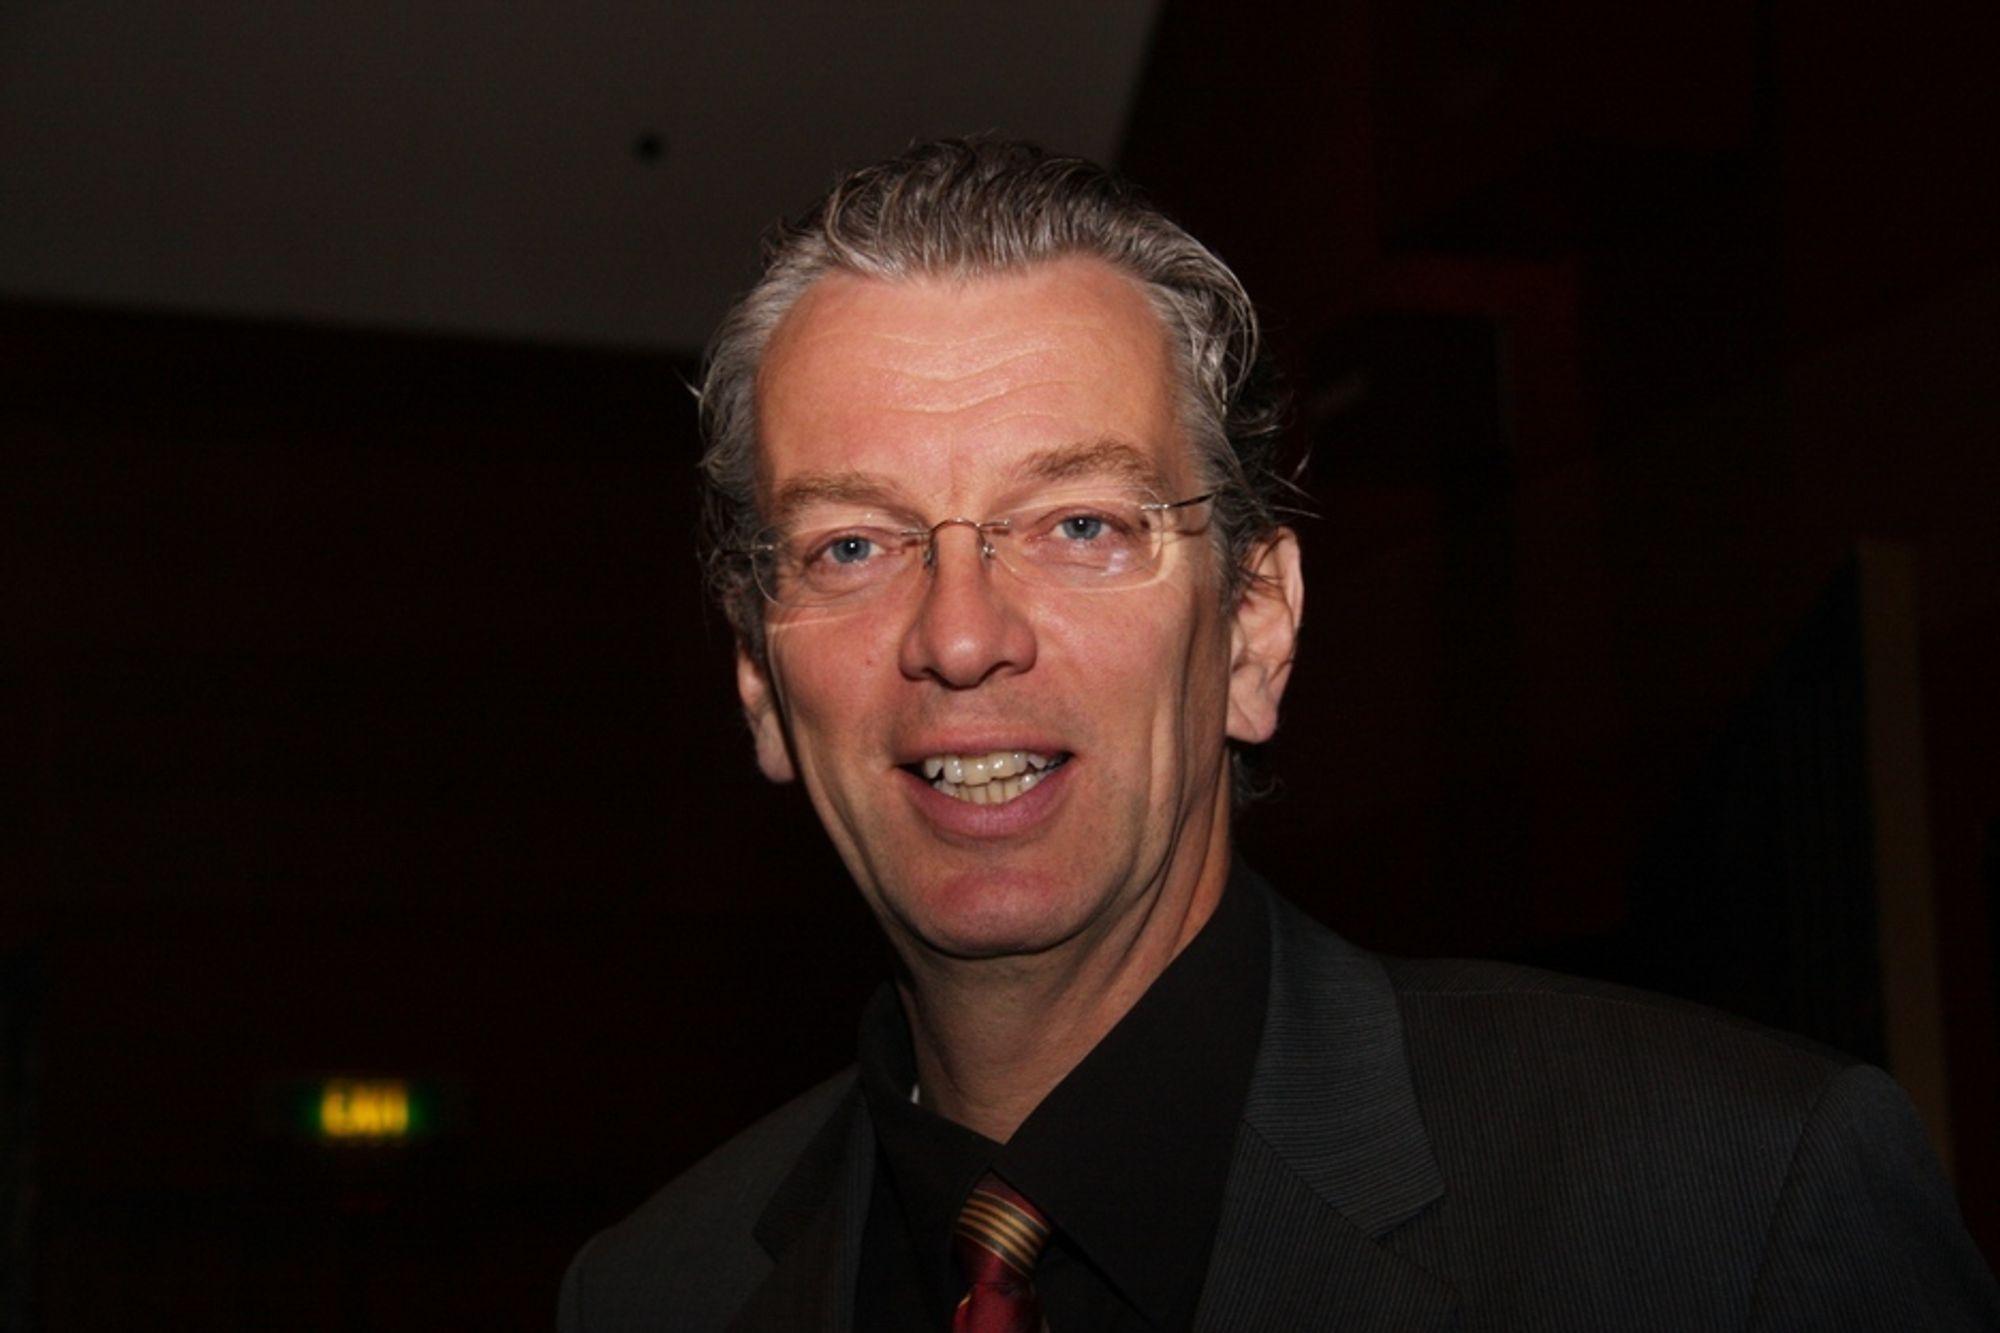 PRIS: Konserndirektør Auke Lont tror ikke strømprisen vil øke vesentlig med flere kabler til utlandet.